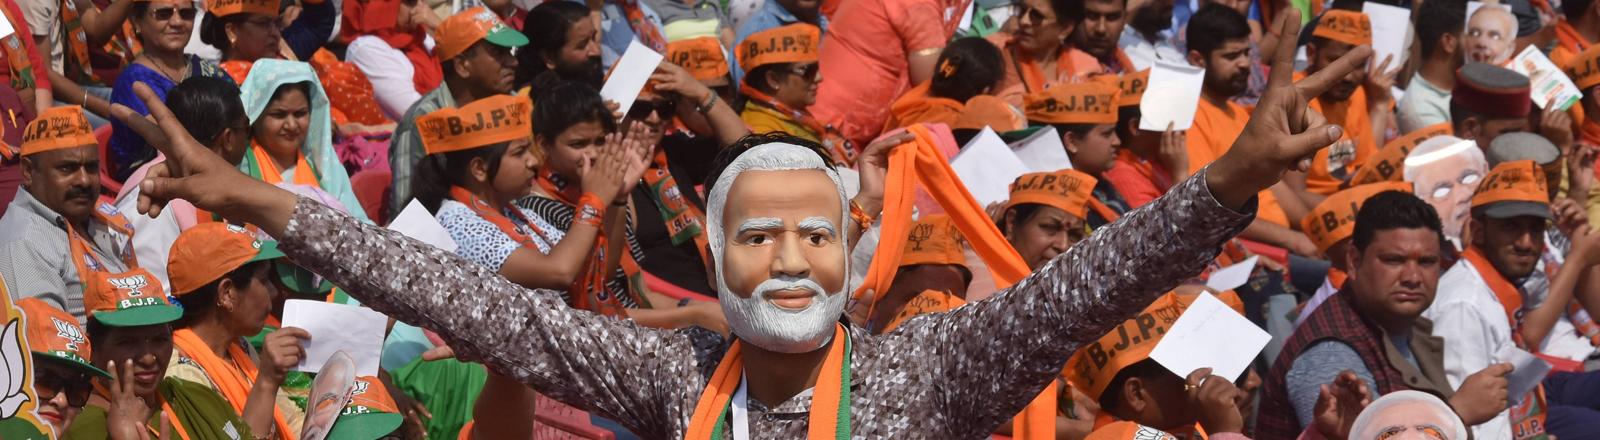 Unterstützer der BJP tragen Masken von Narendra Modi und Schals und Mützen in den Parteifarben orange und grün